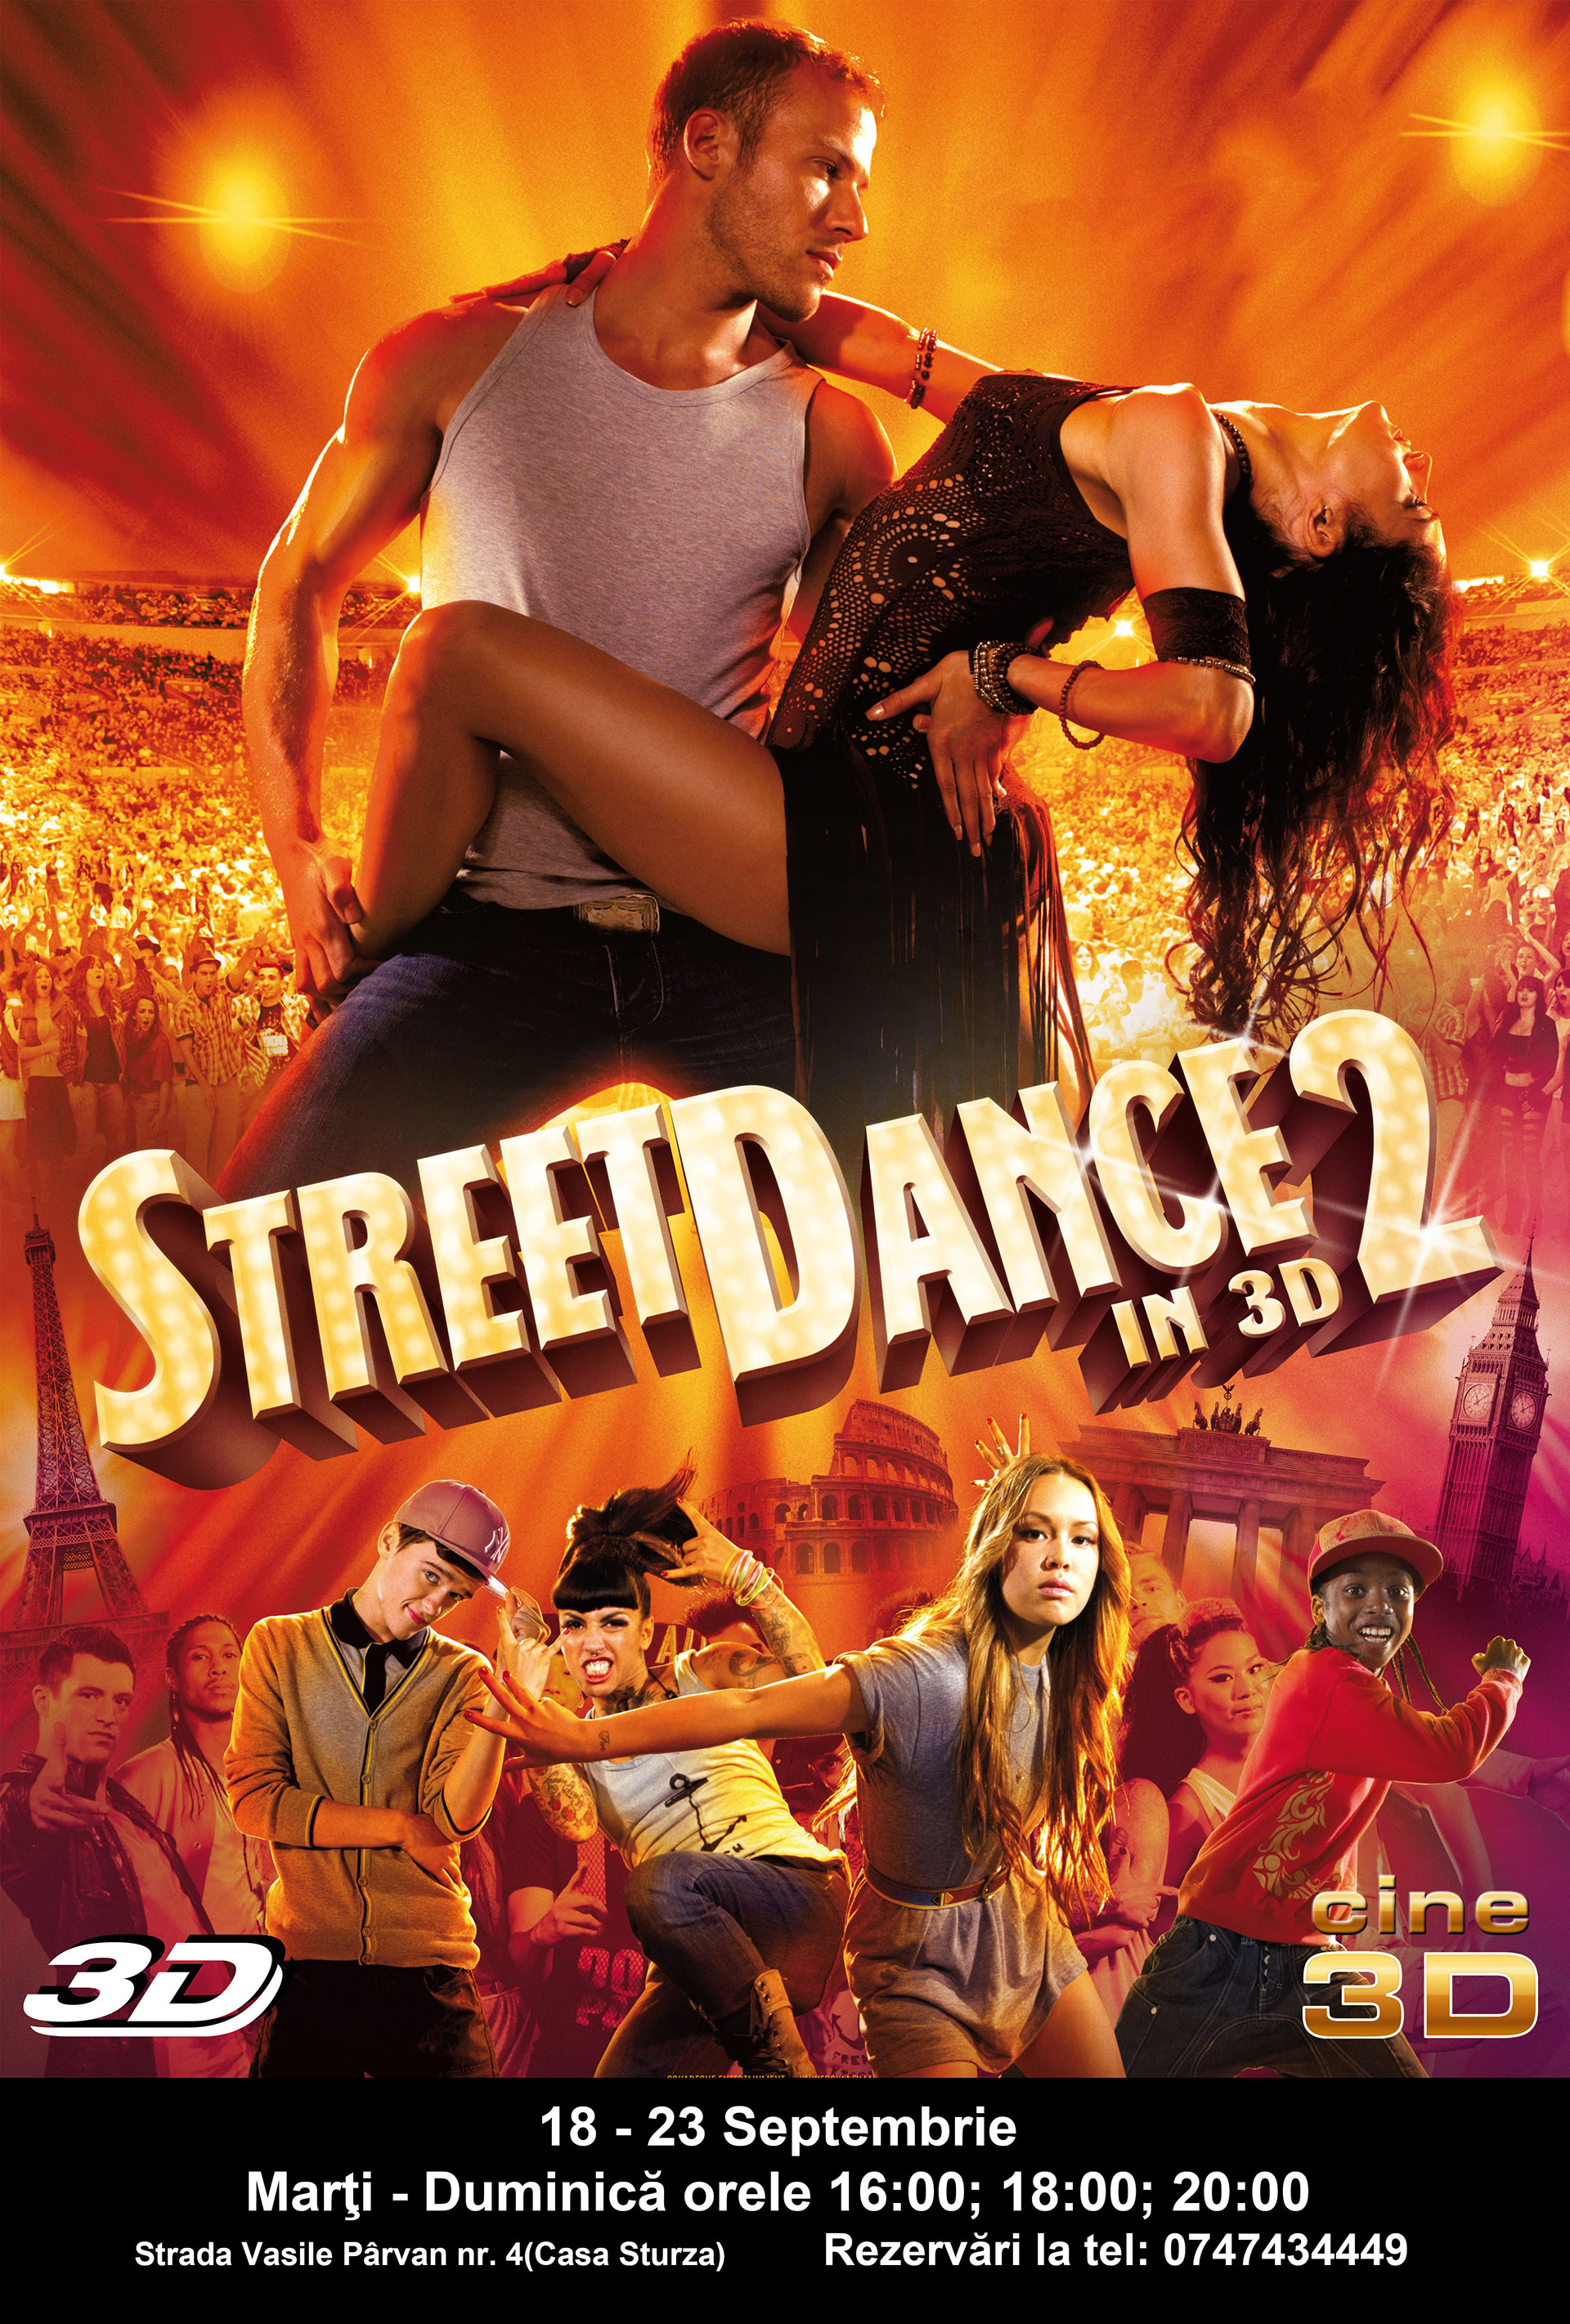 дворовые танцы смотреть онлайн в хорошем качестве бесплатно: